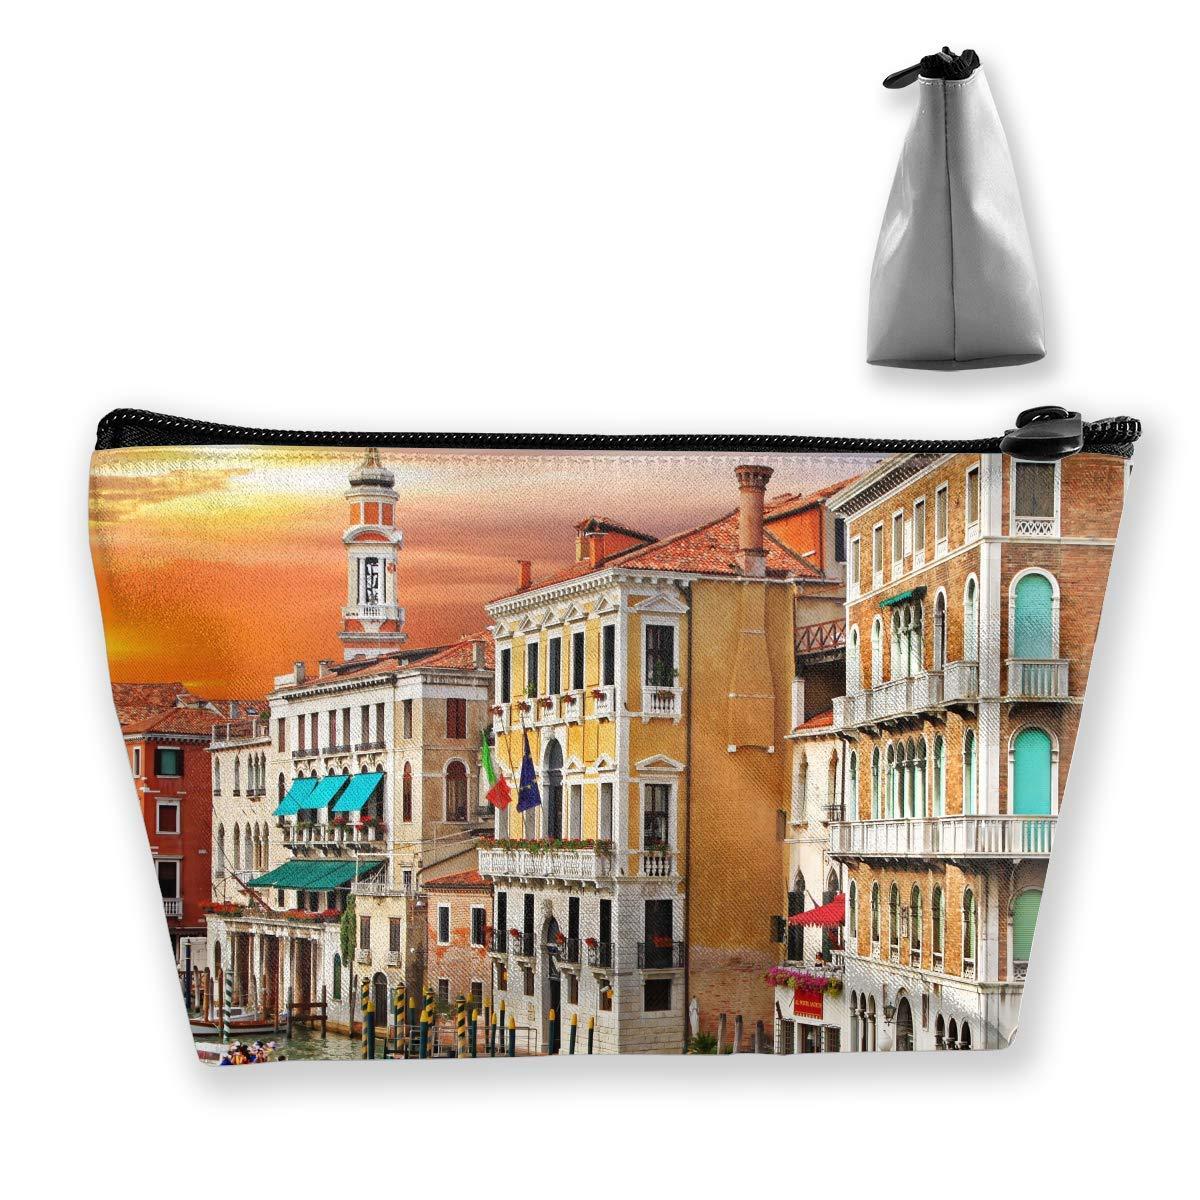 Vistas panorámicas de Venecia Canal Barco Ciudad de Italia Paisaje Viajes Bolsas de cosméticos Estuche Lápiz Multifunción Estuche